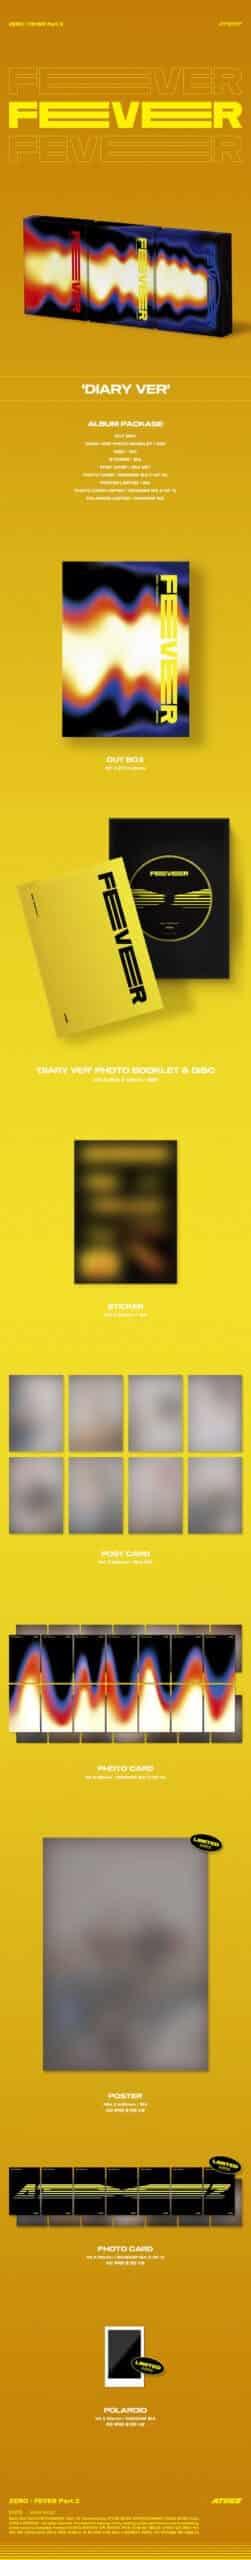 ATEEZ 6th Mini ZERO FEVER Part.2 DIARY Ver. Poster 1 scaled